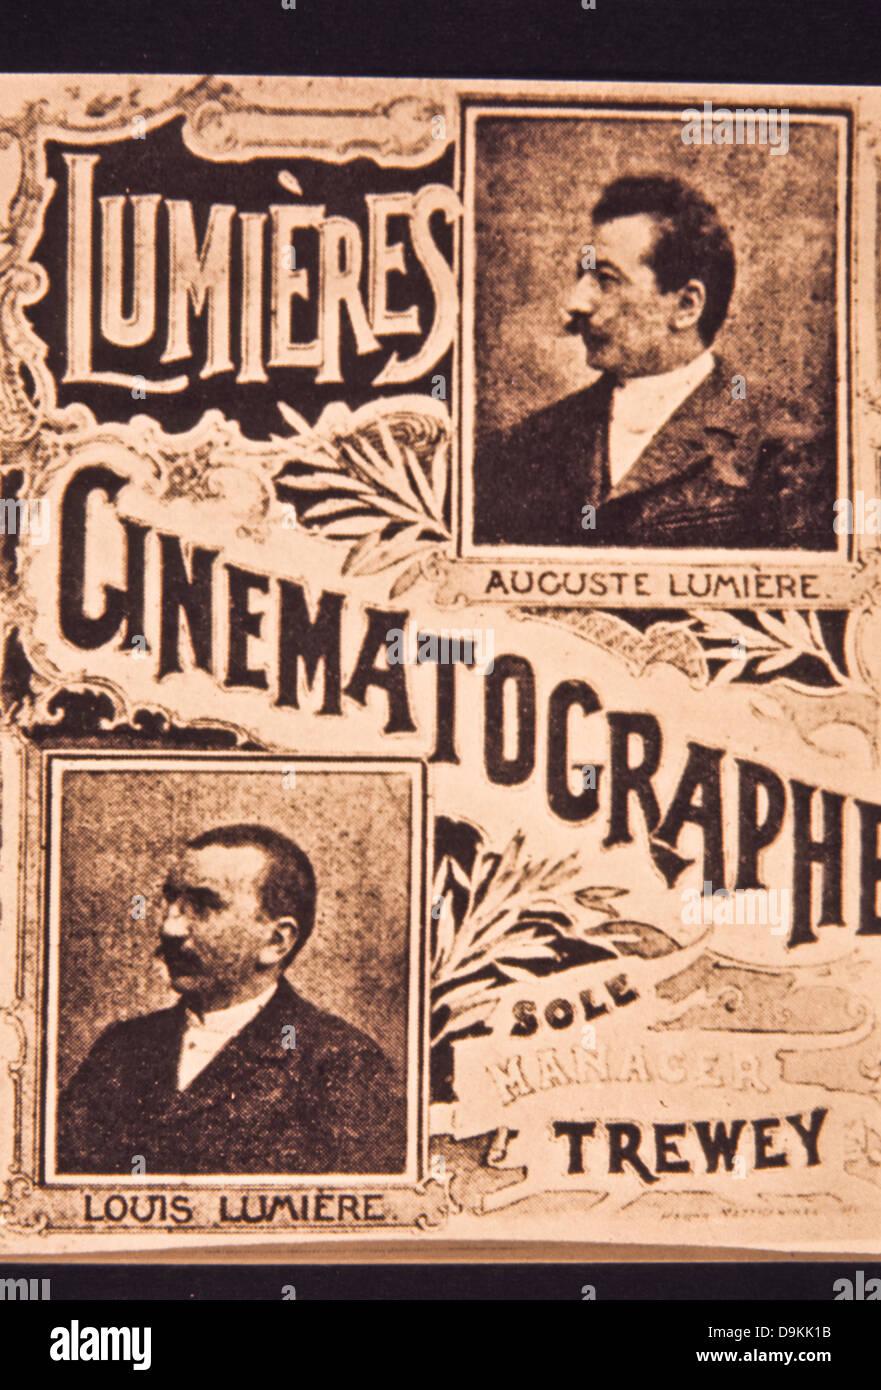 poster,auguste marie louis nicholas lumiere,louis jean lumiere - Stock Image